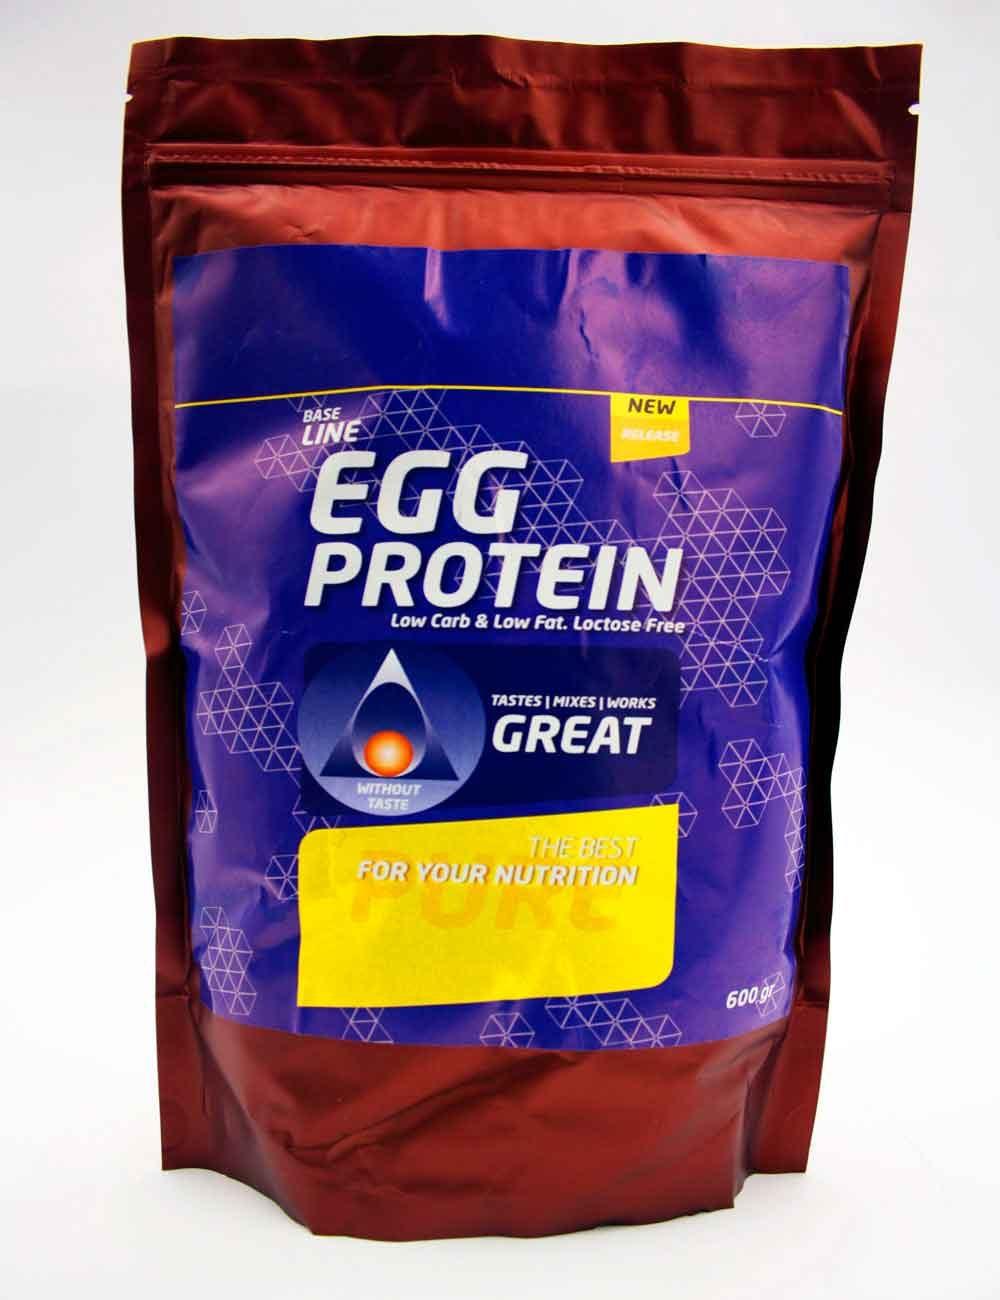 Альбумин Купить яичный протеин - протеин яичный - отзывы, цена, состав, это, как принимать, аптека - в интернет магазине спортивного питания tvoy-prot.com.ua - в Украине, Днепр, Киев, Харьков,